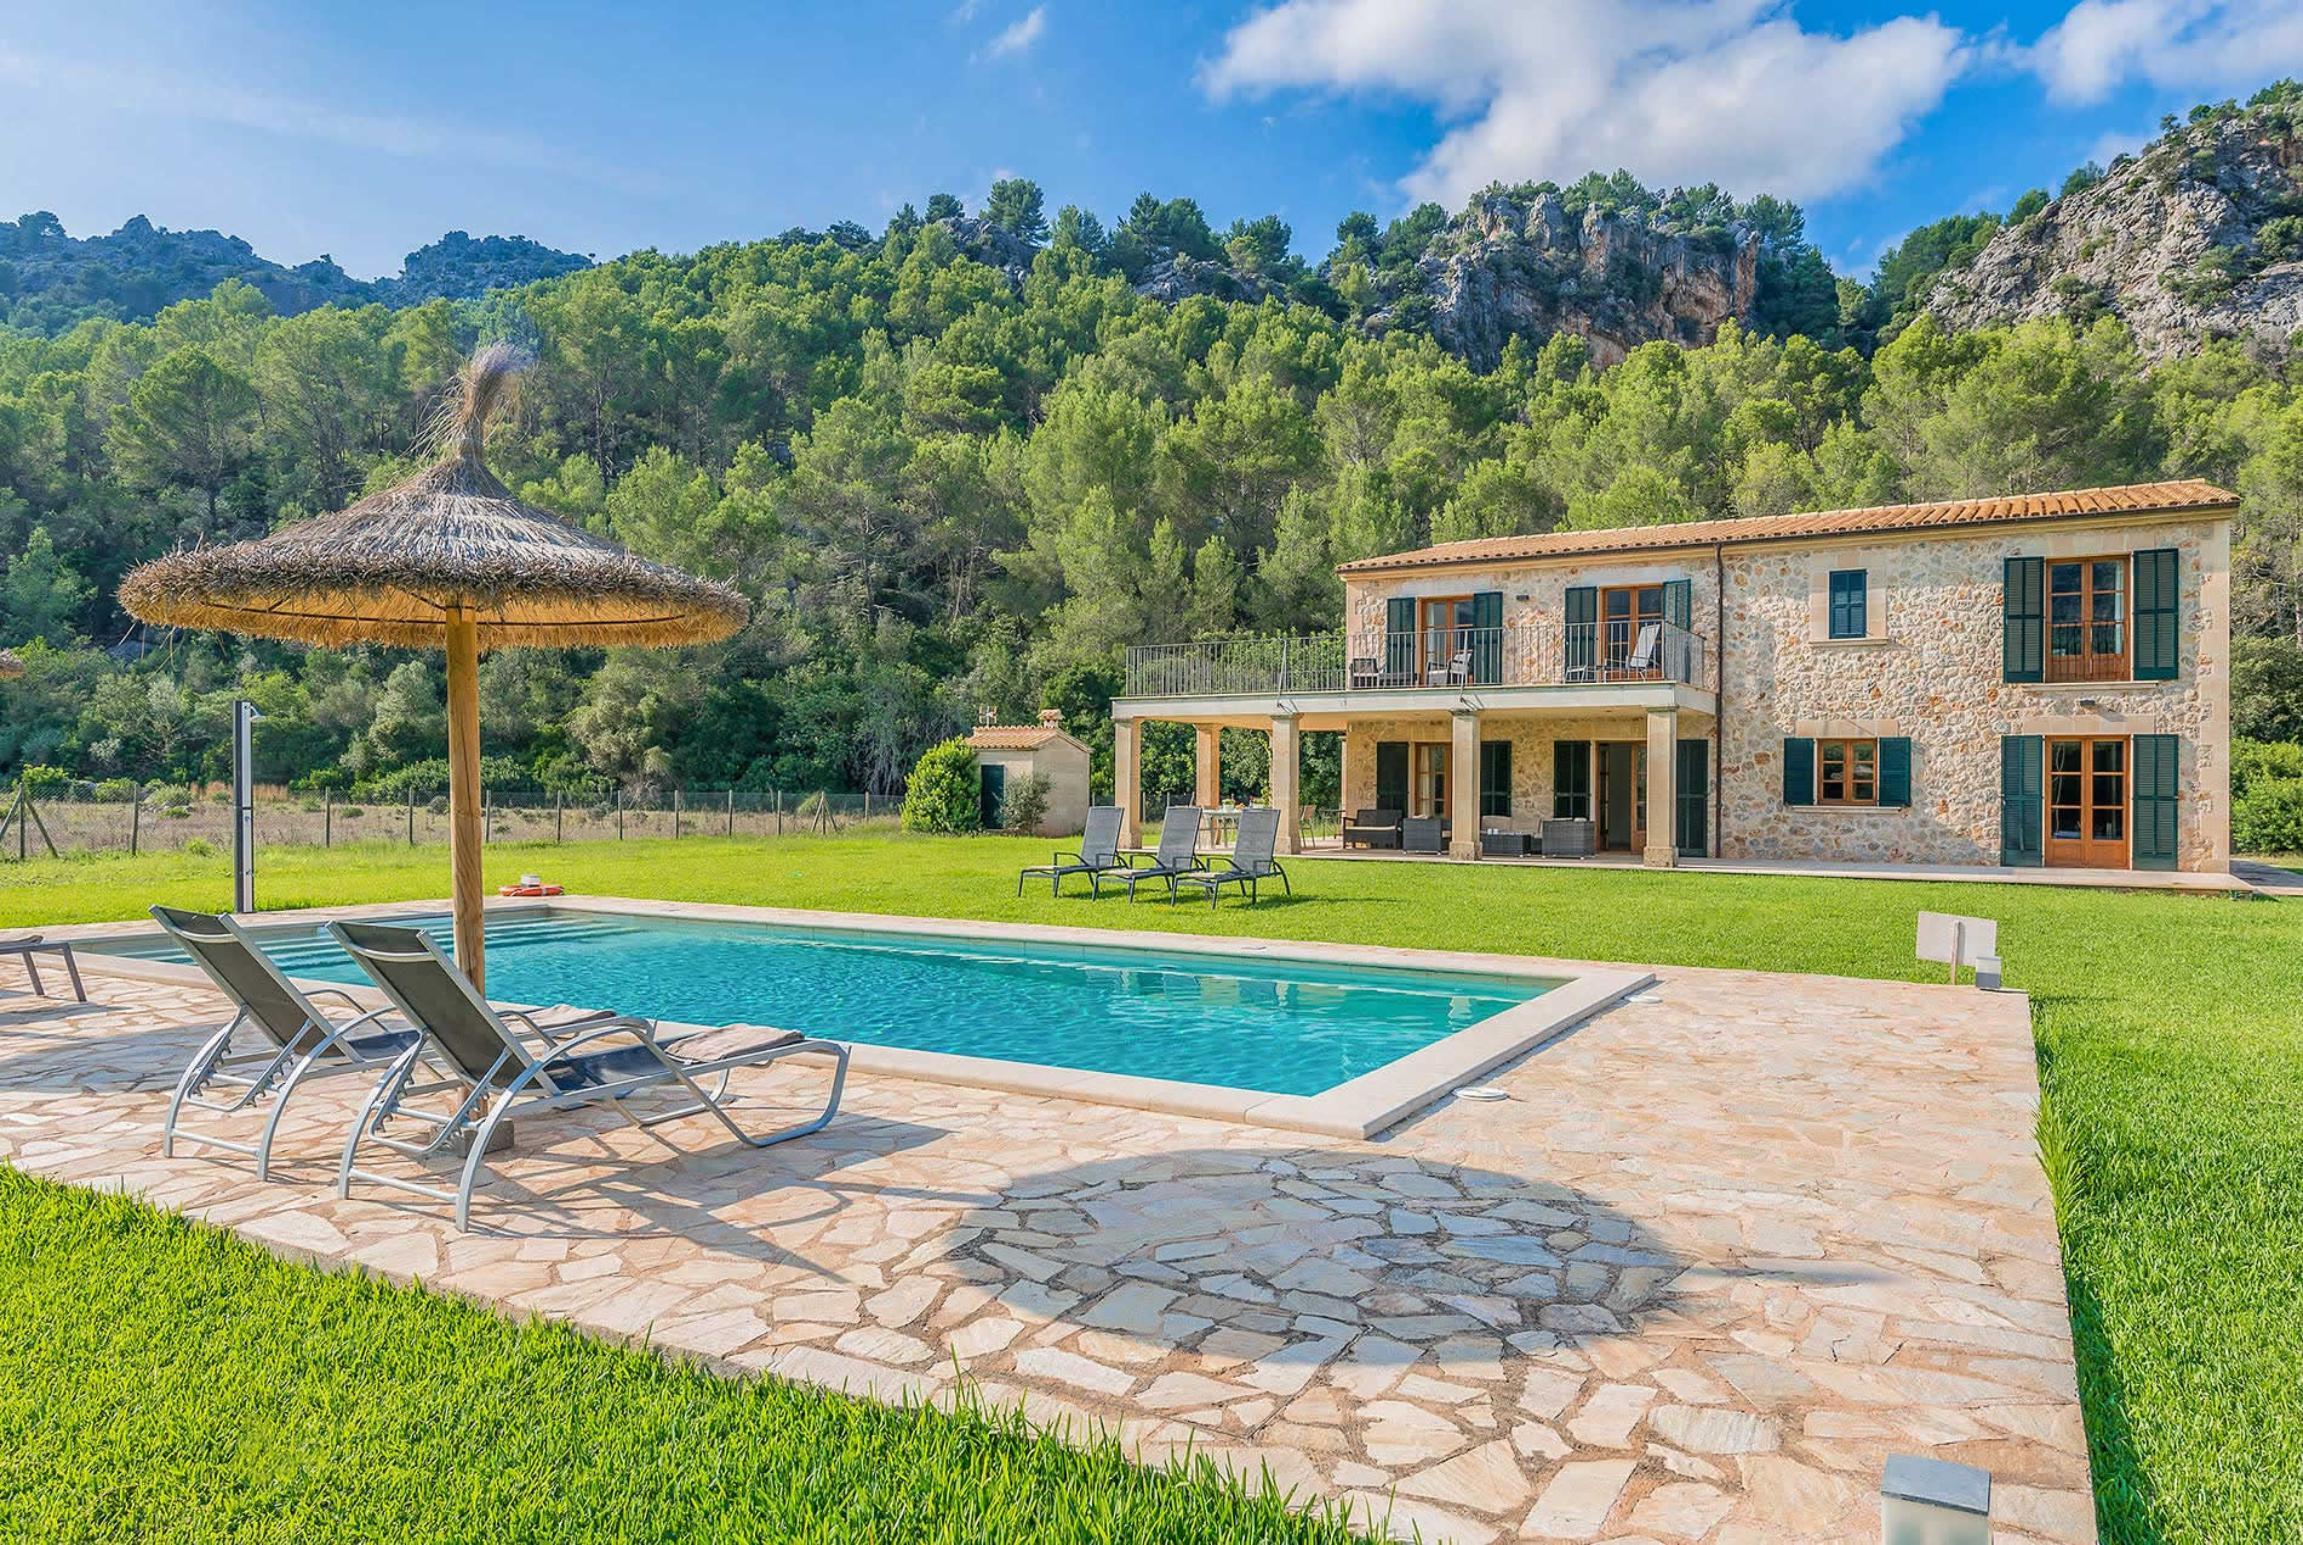 Ferienhaus Vall d'en Marc (2654334), Pollença, Mallorca, Balearische Inseln, Spanien, Bild 1